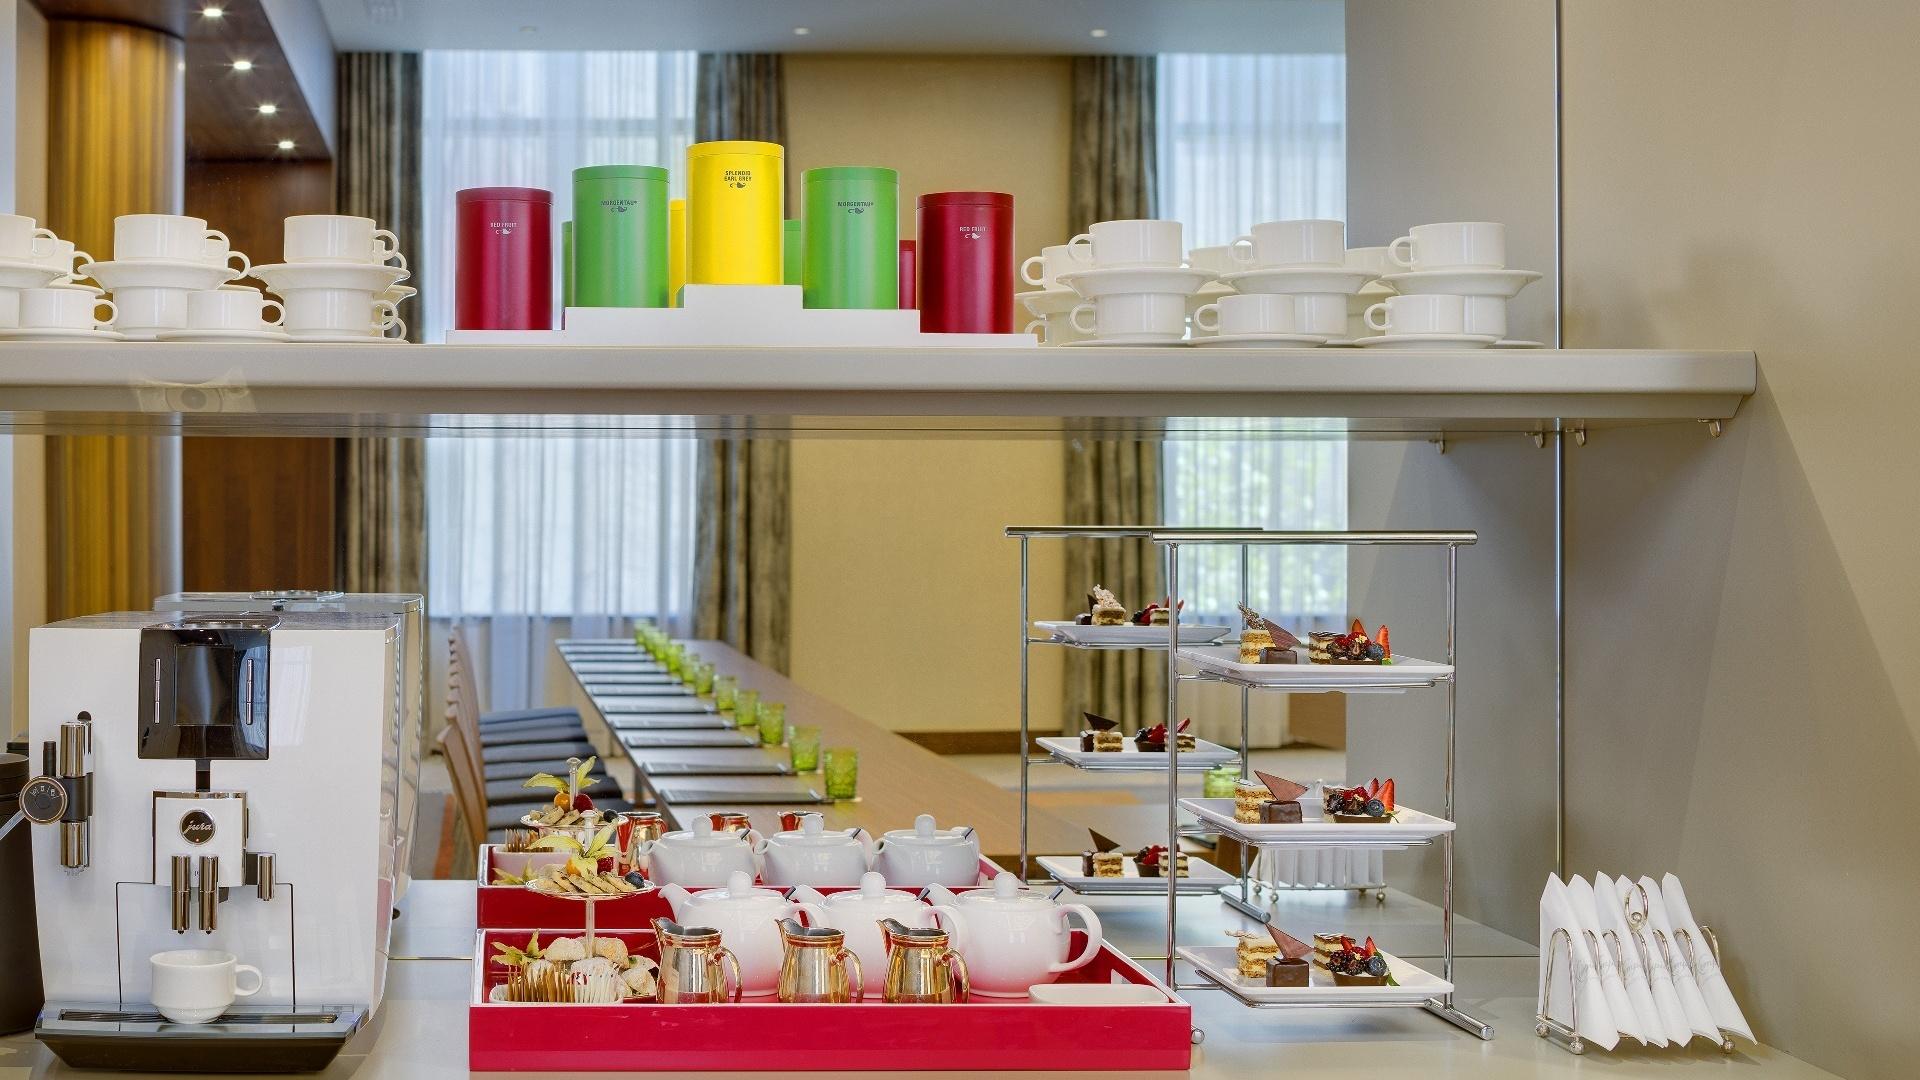 Beépített kávészünet |Kempinski Hotel Corvinus Budapest